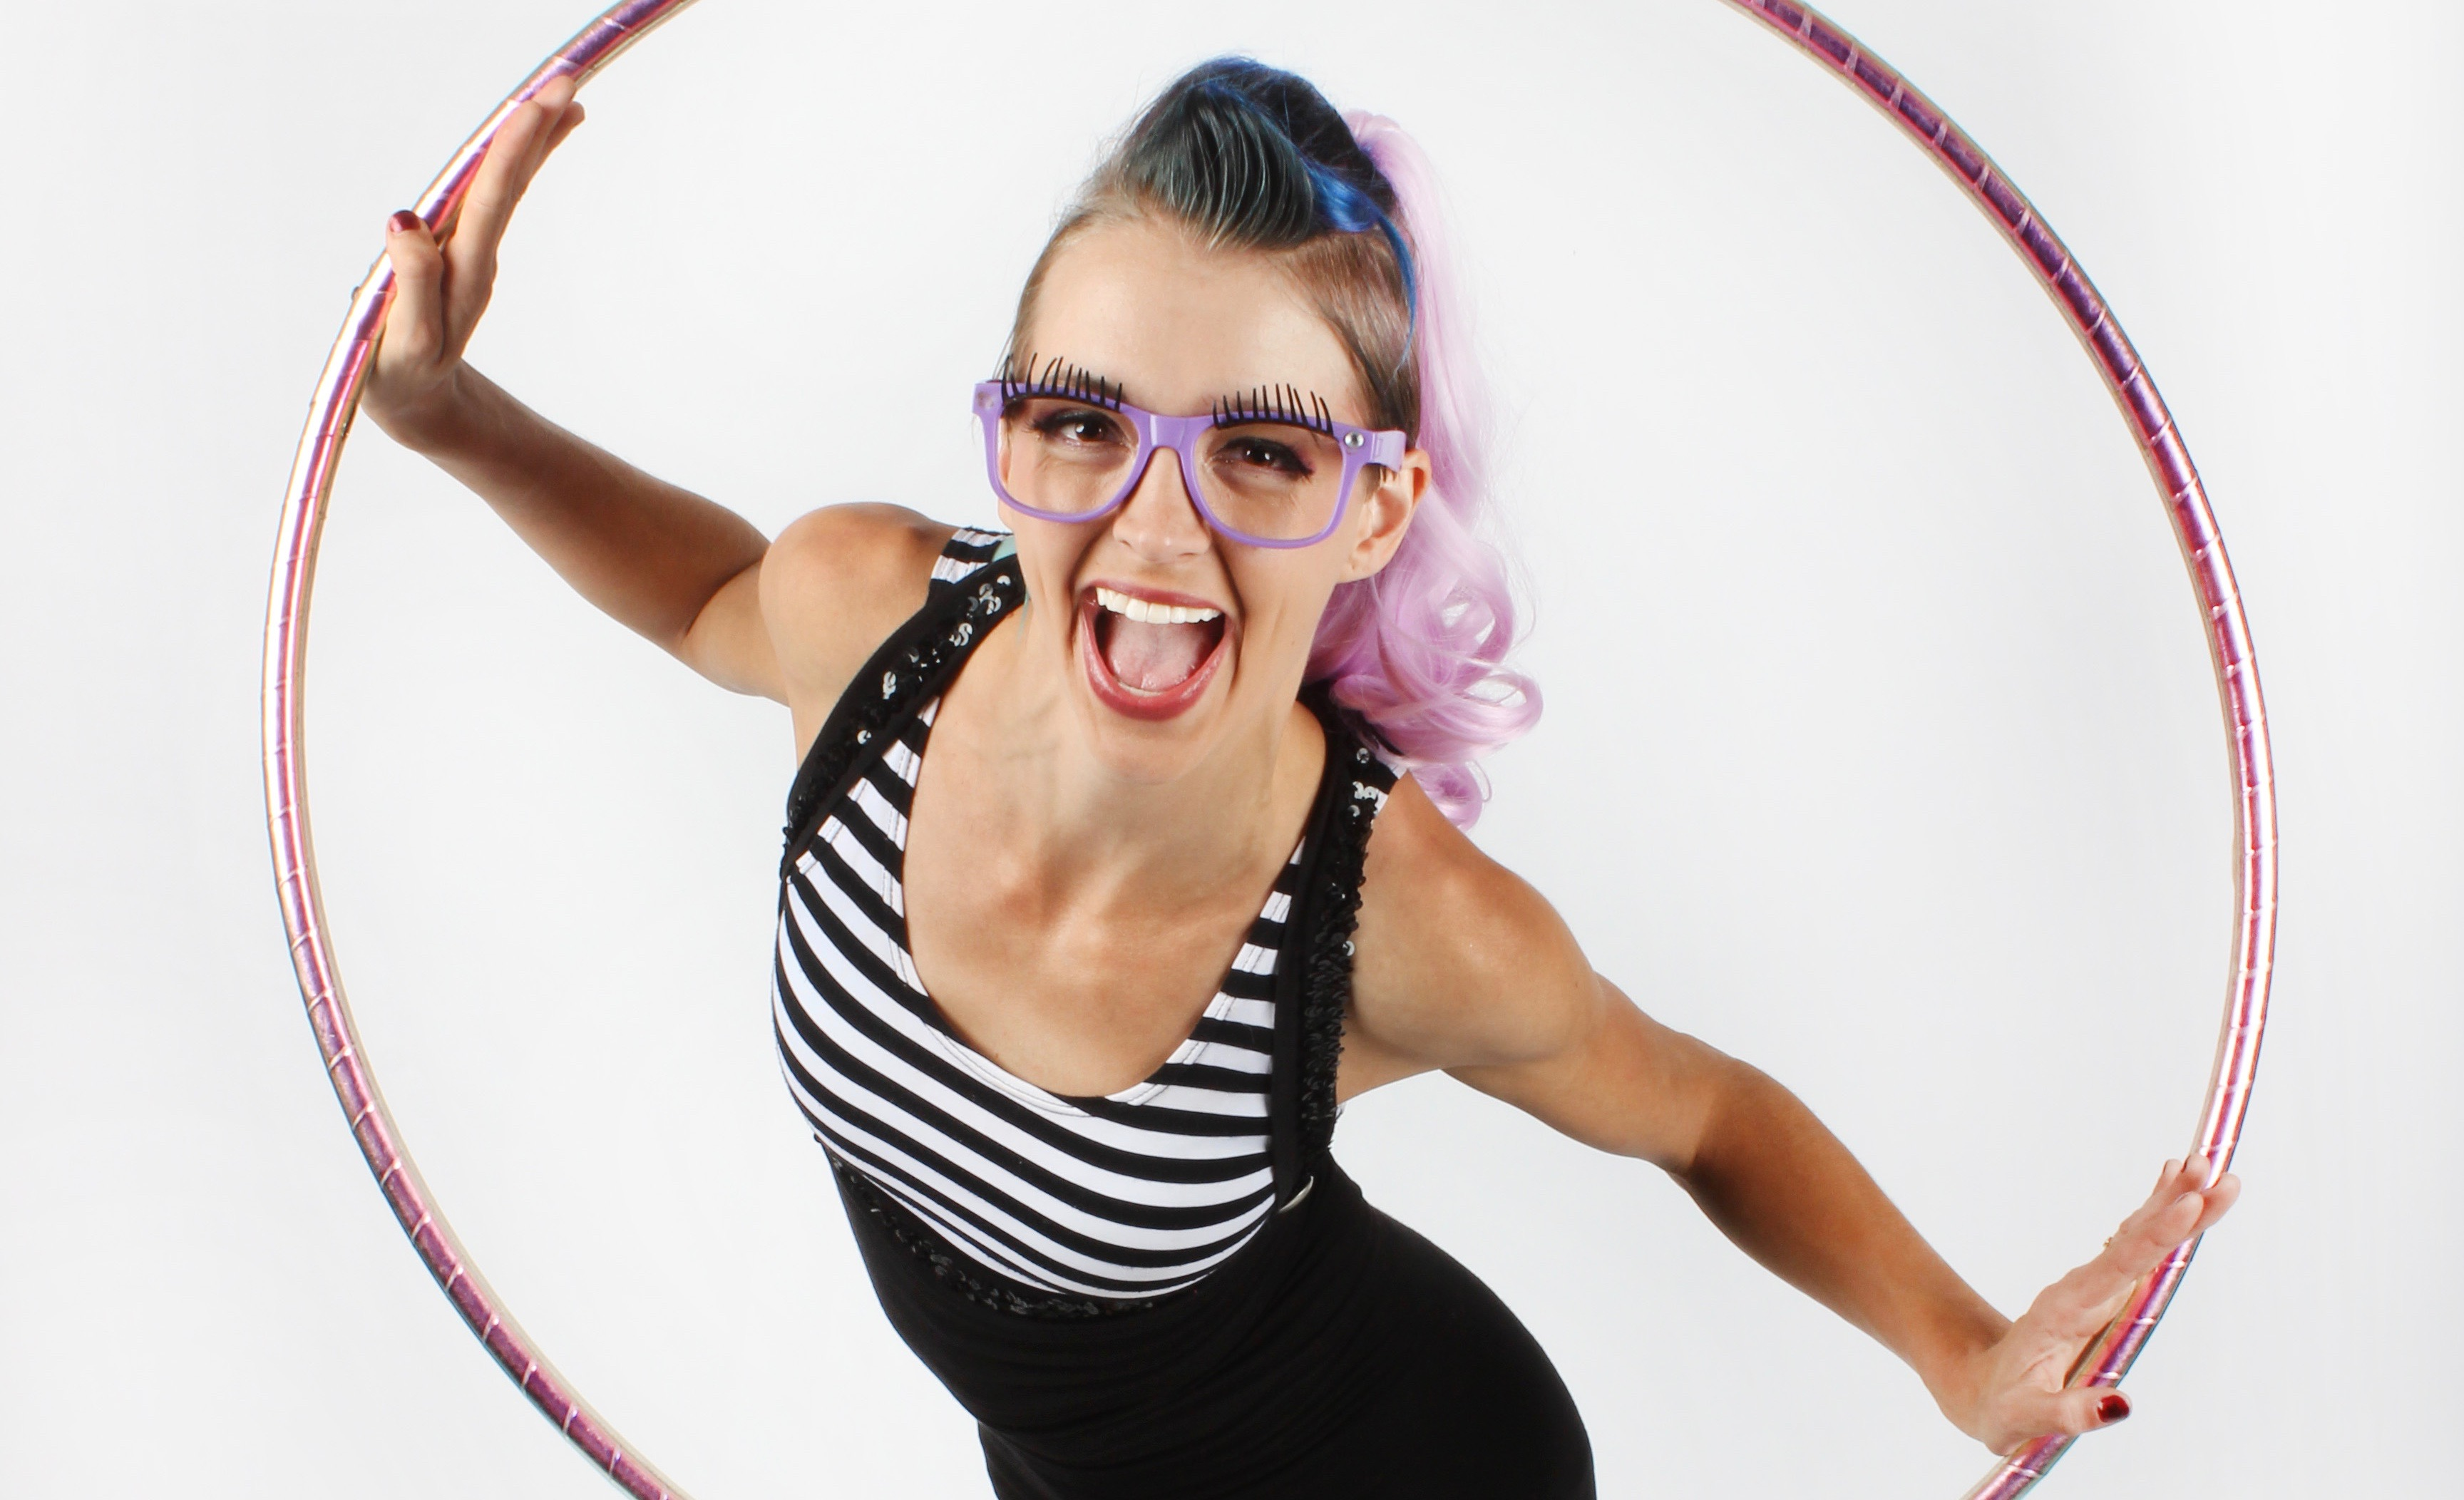 Prop - Kate - Hula hoop